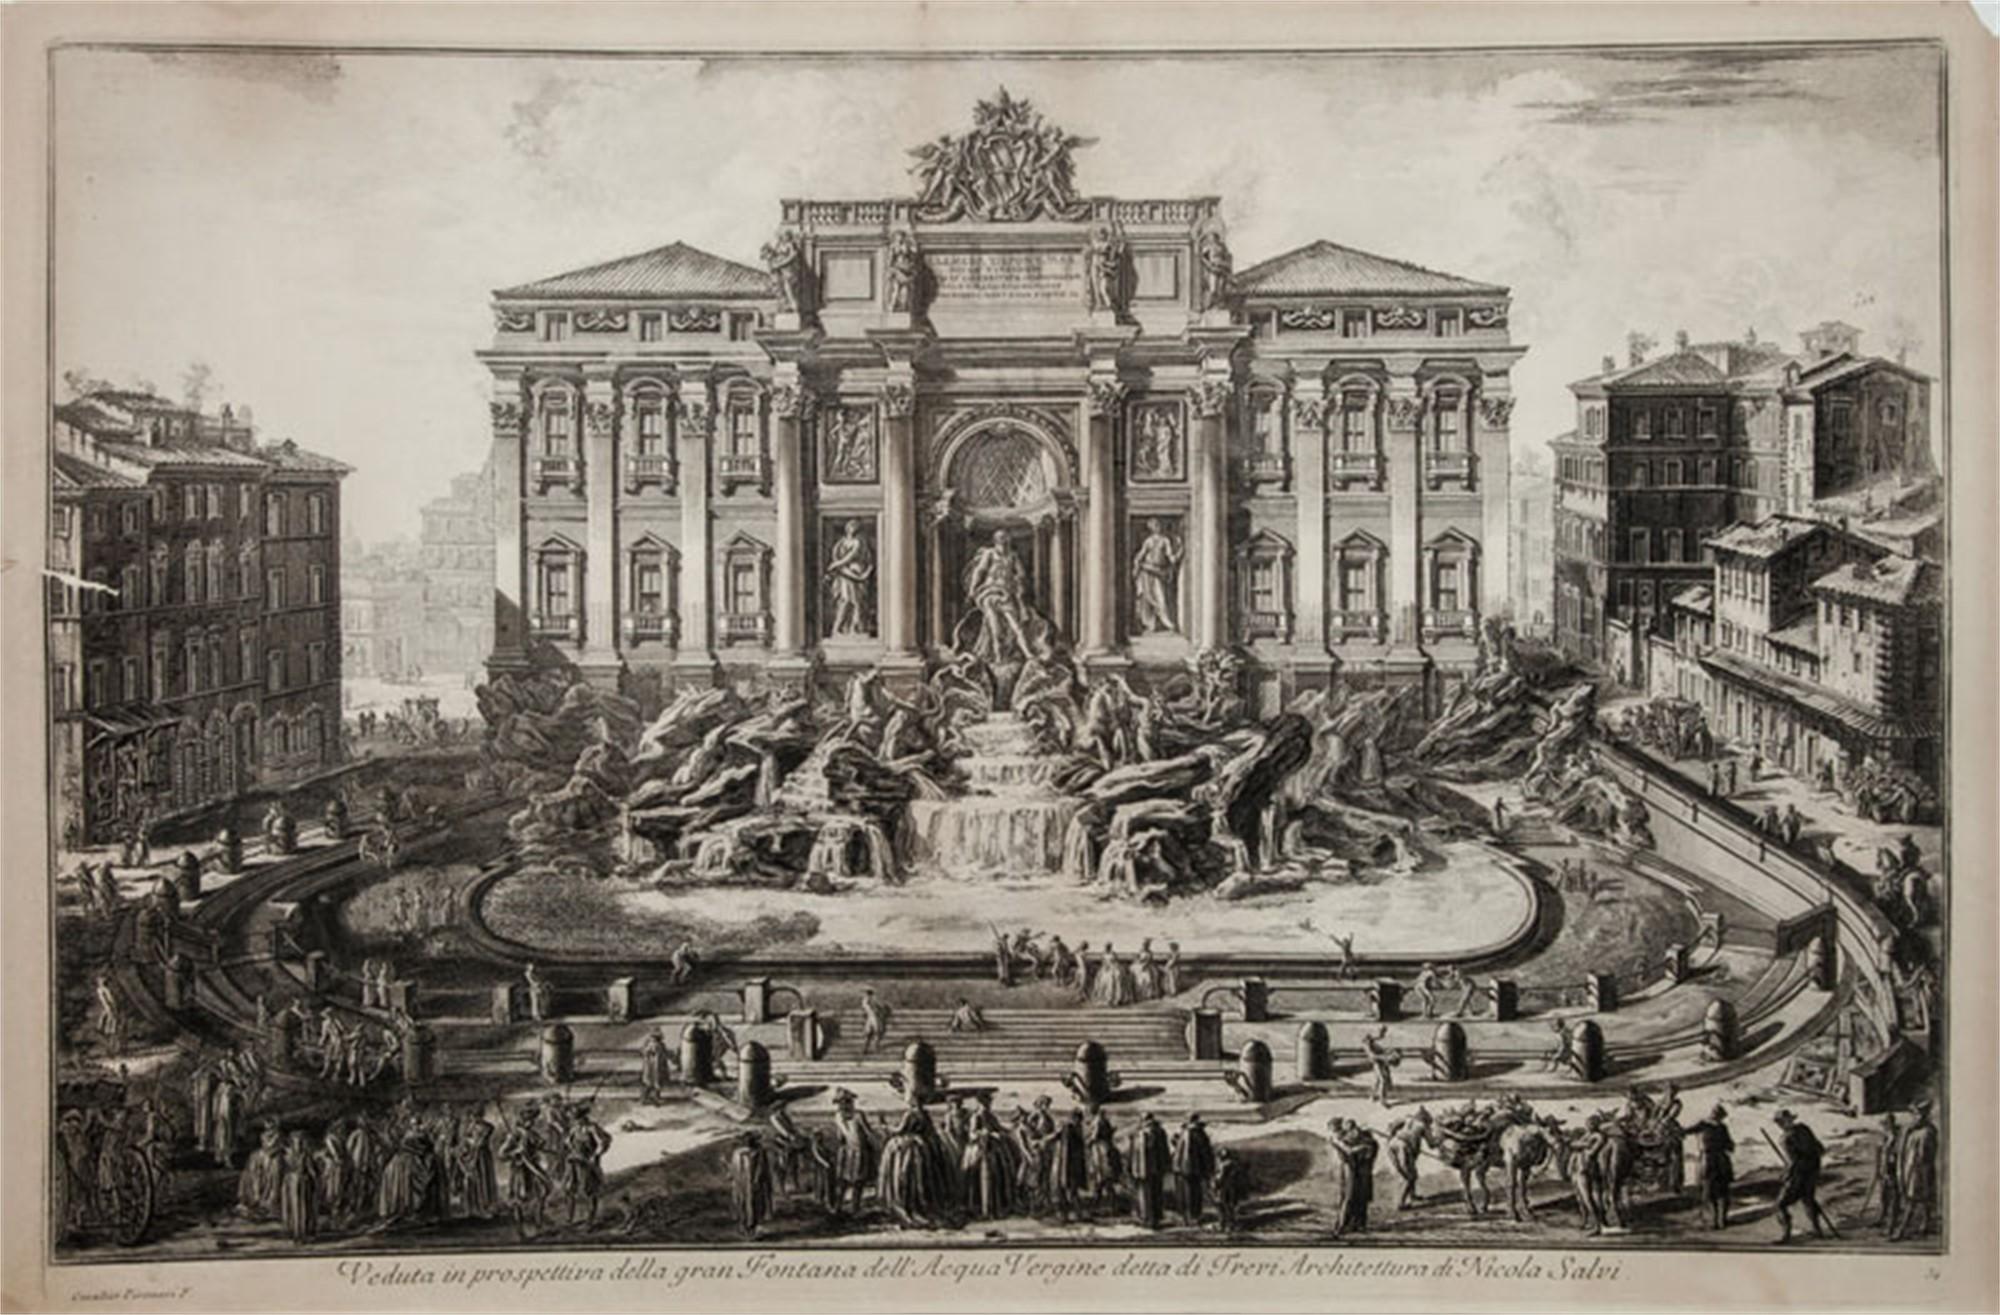 Trevi Fountain by Francesco Piranesi